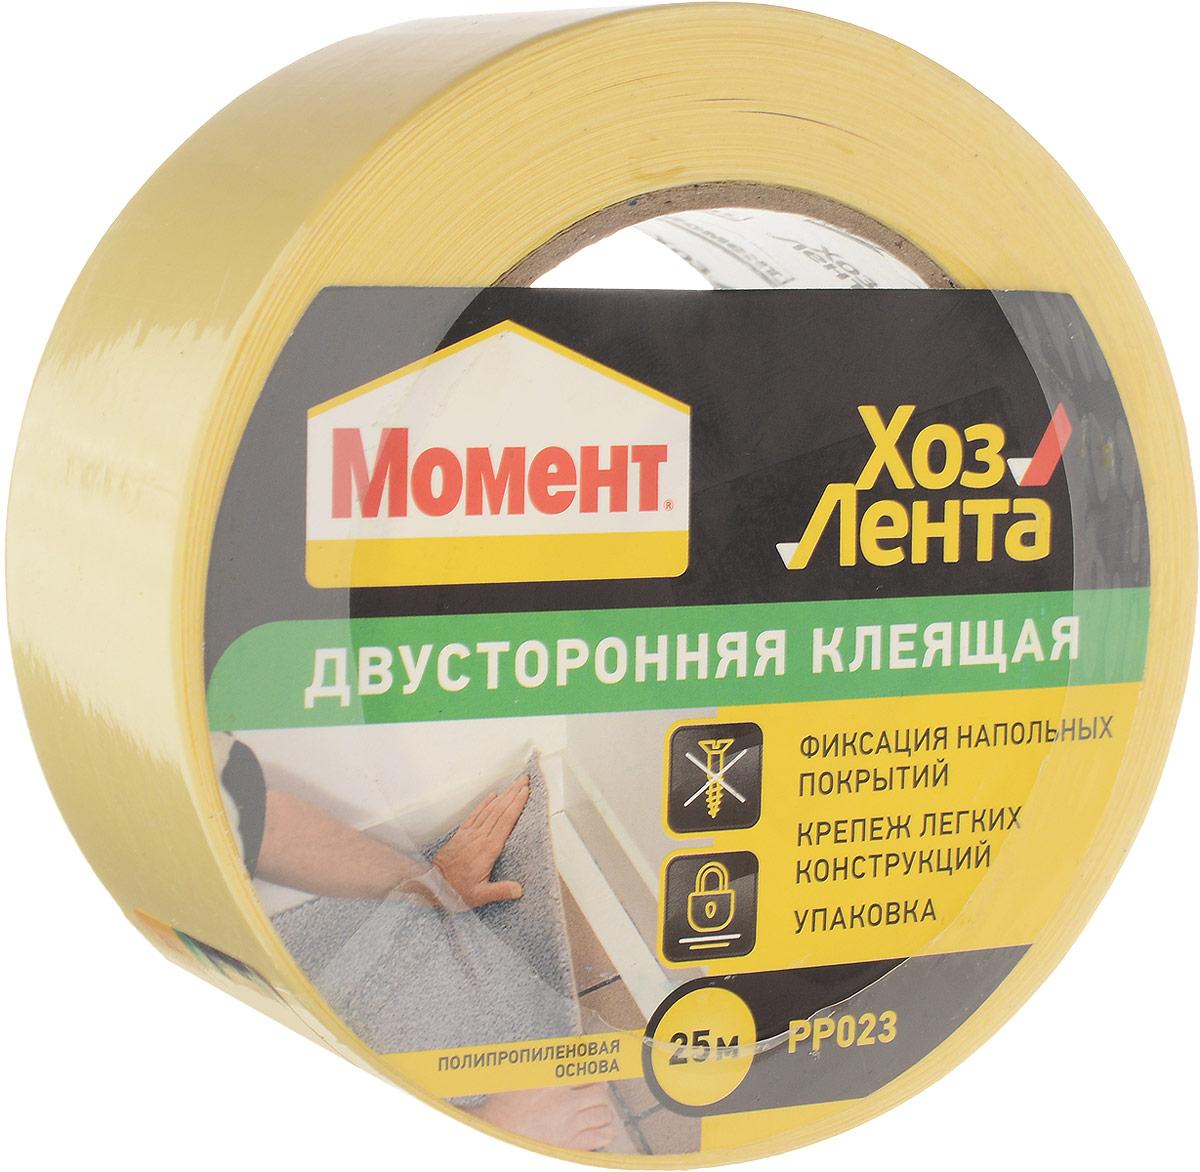 Лента клеящая Момент ХозЛента, двусторонняя, 25 м отсутствует русский репортер 12 2011